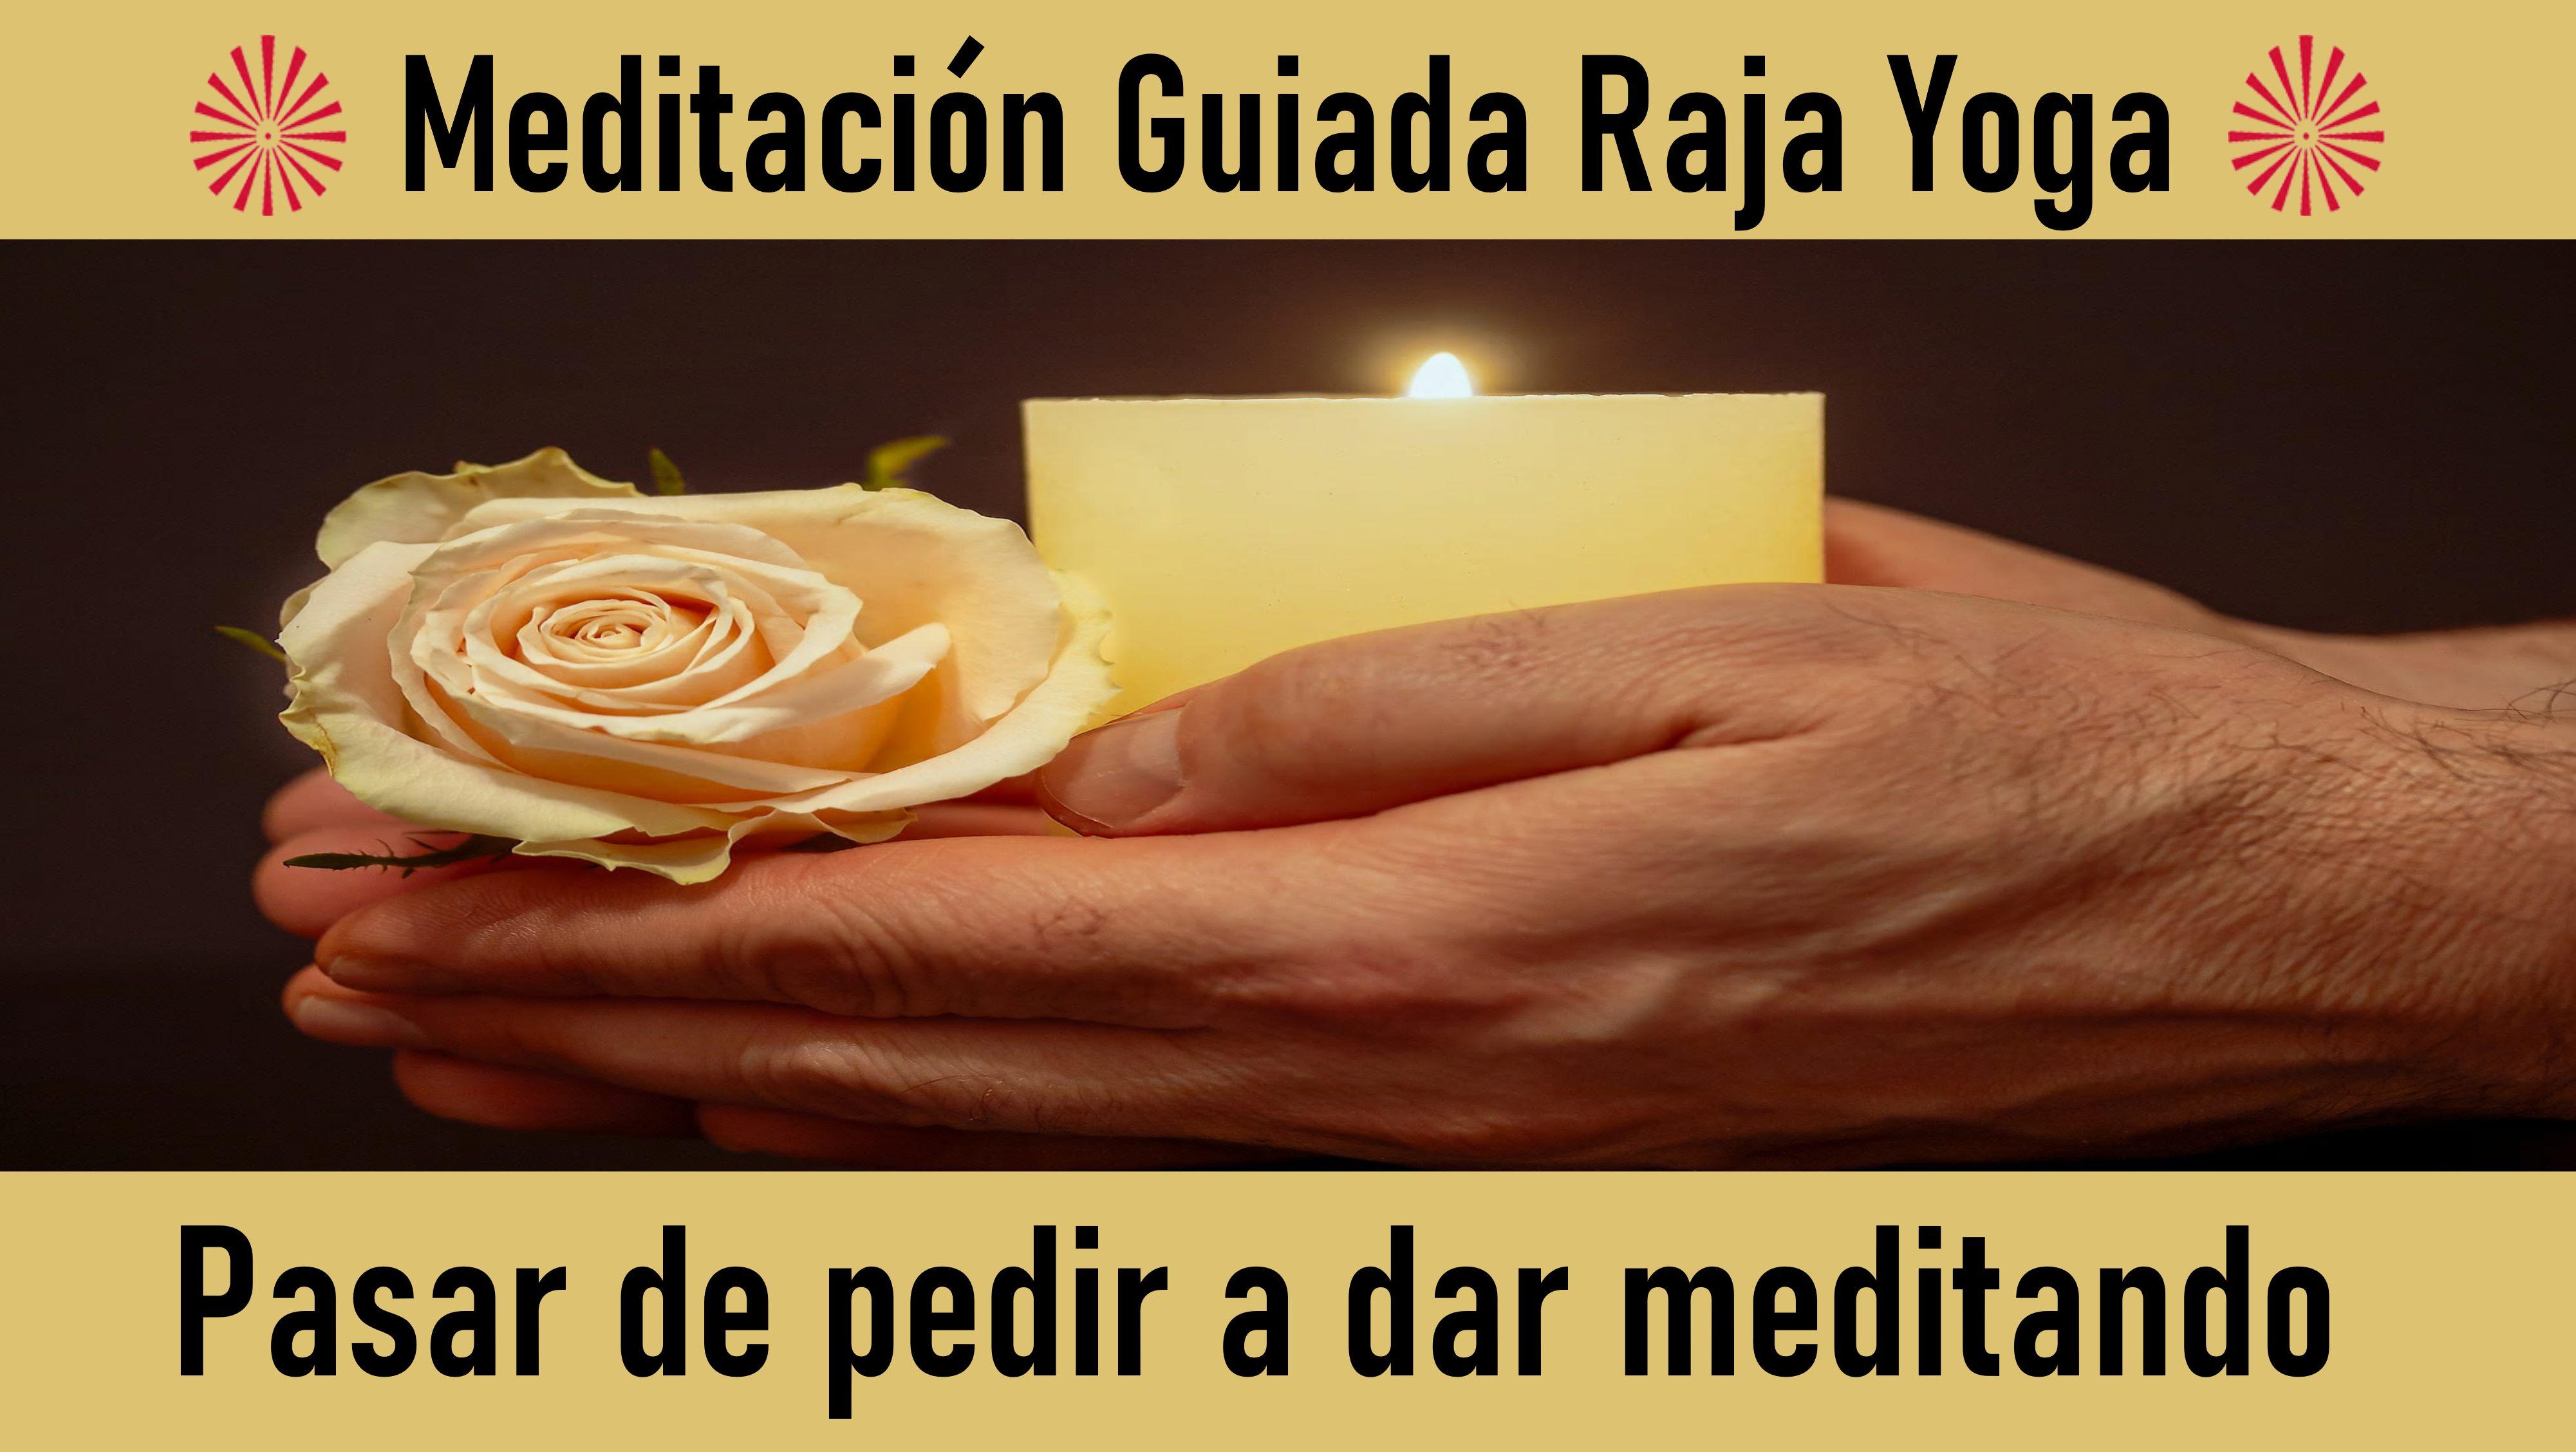 Meditación Raja Yoga: Pasar de pedir a dar meditando (16 Septiembre 2020) On-line desde Sevilla